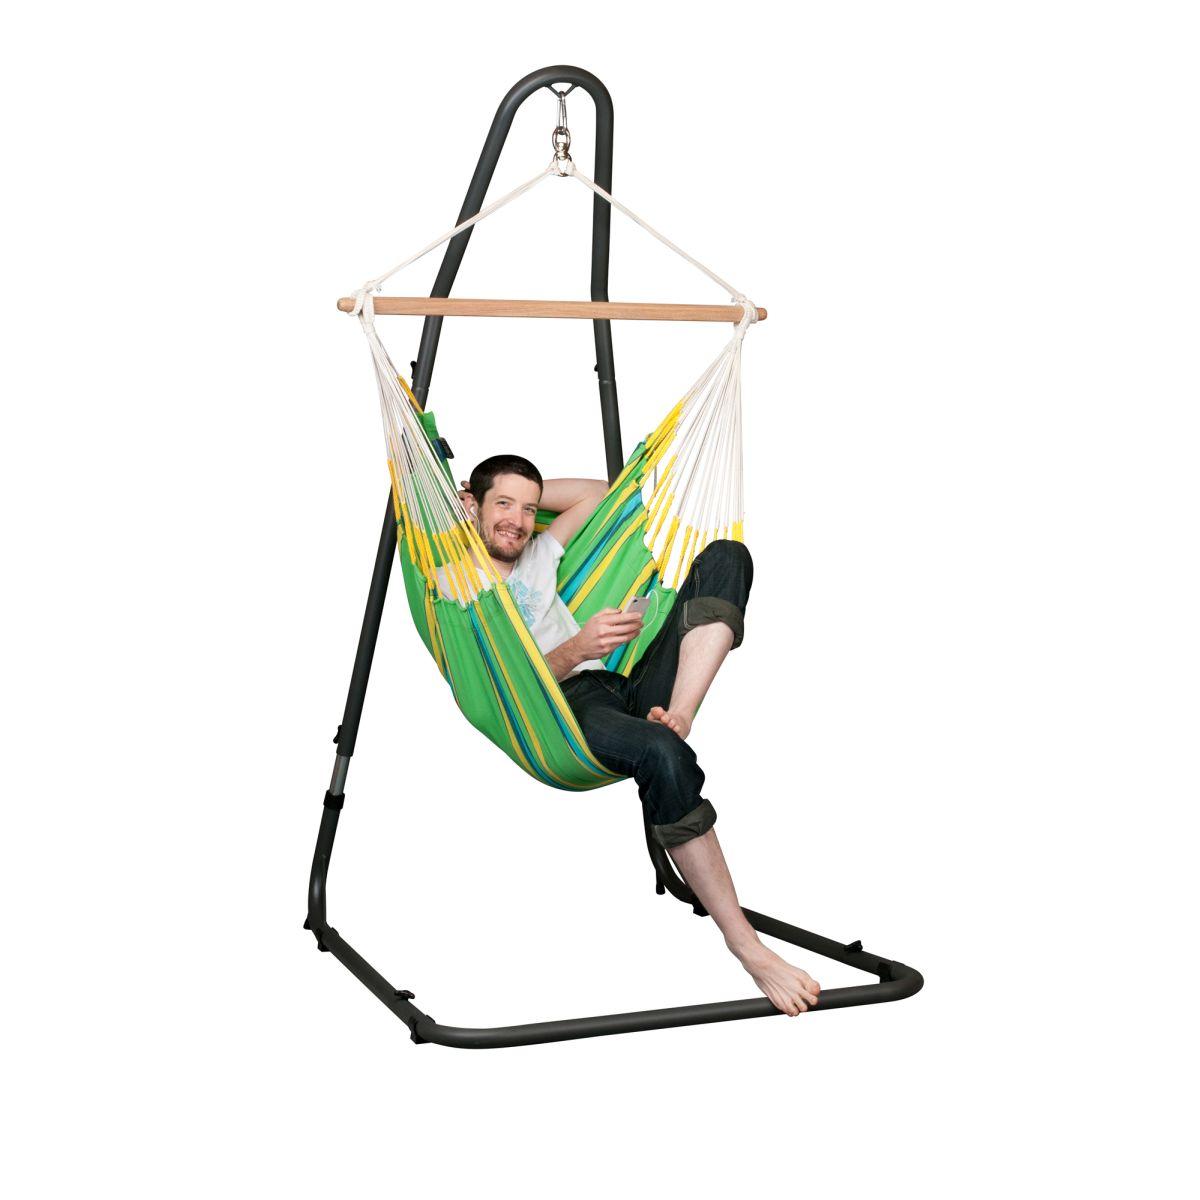 la siesta chaise hamac basic currambera kiwi support pour chaise hamac medit acandi vente de hamac par le specialiste du hamac en france